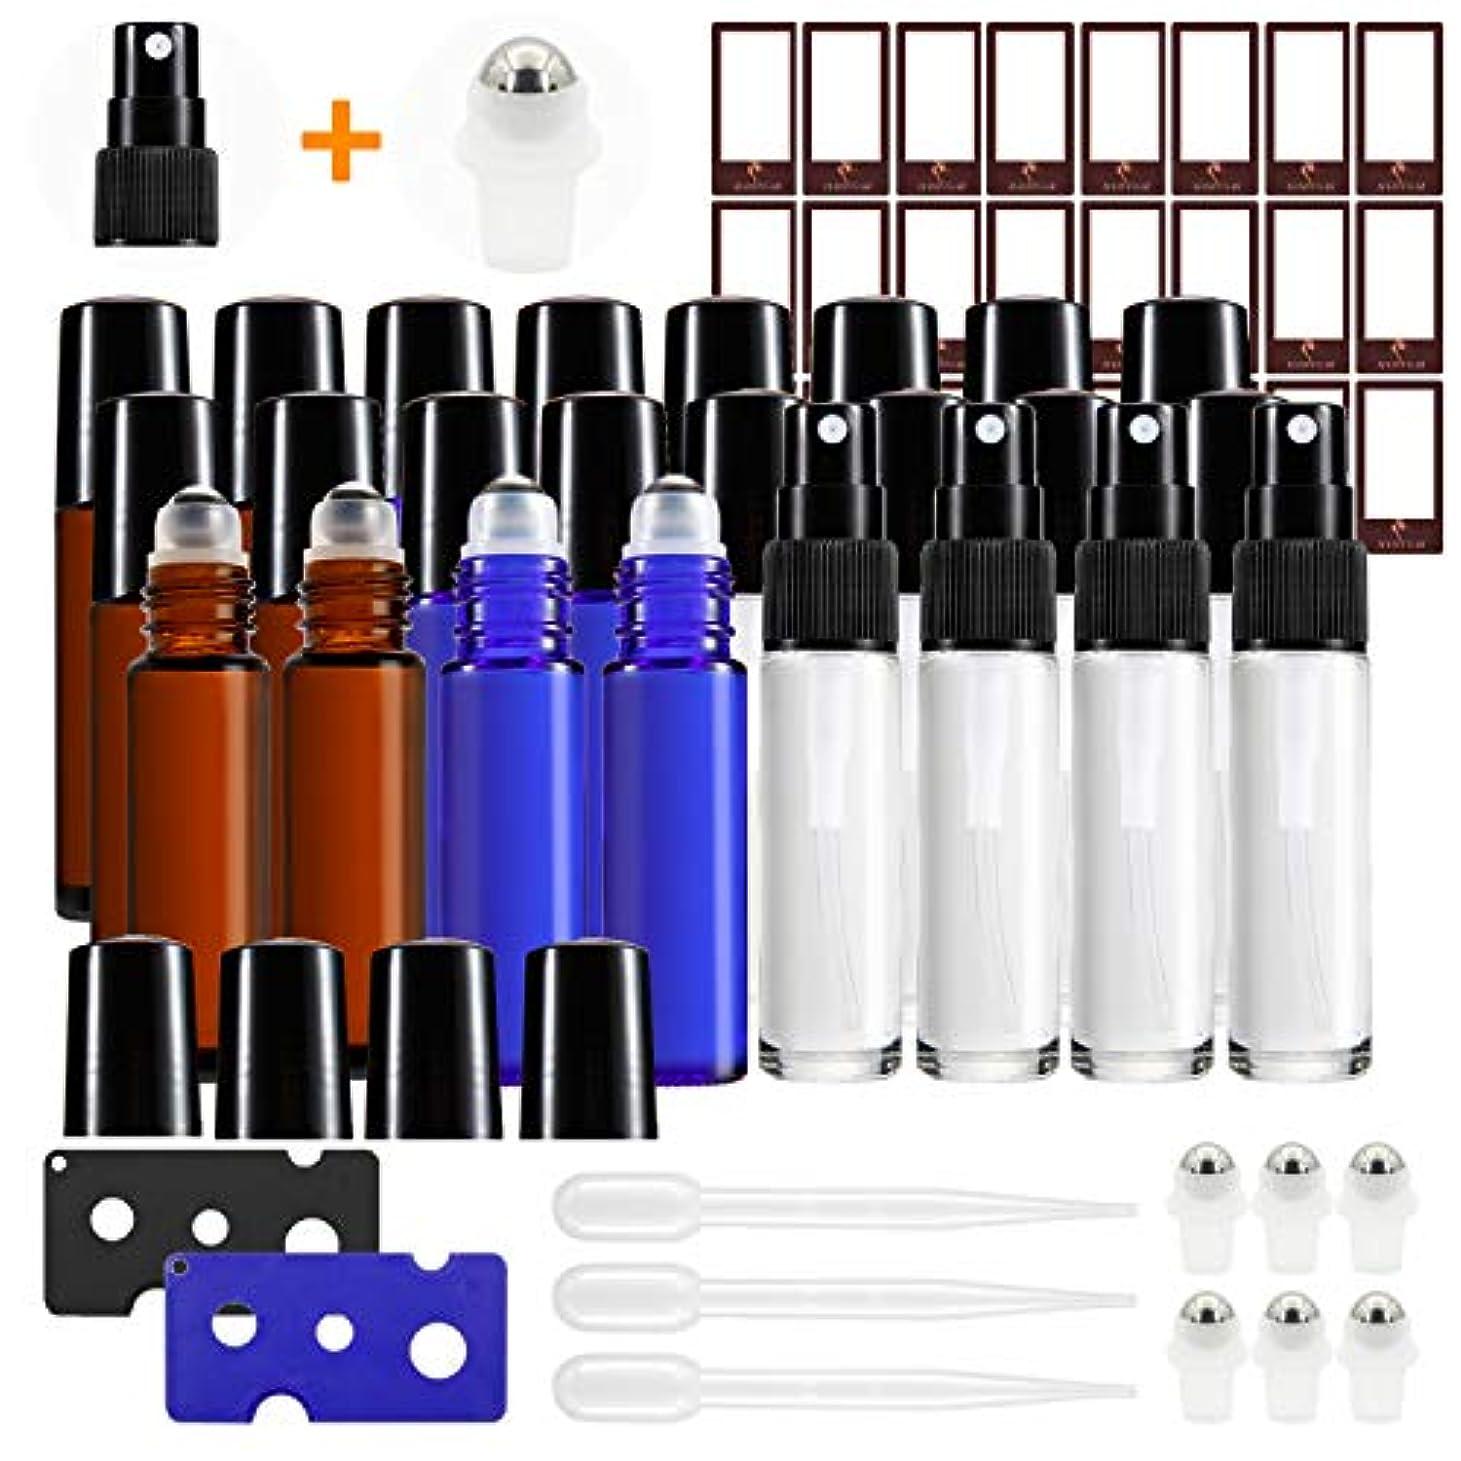 有用運賃しなければならないMASSUGAR ガラスローラーボトル、ステンレス製 ローラーボールとガラス スプレーボトルとエッセンシャルオイル 用 24パック0ミリリットル ローラーボトル 1 1